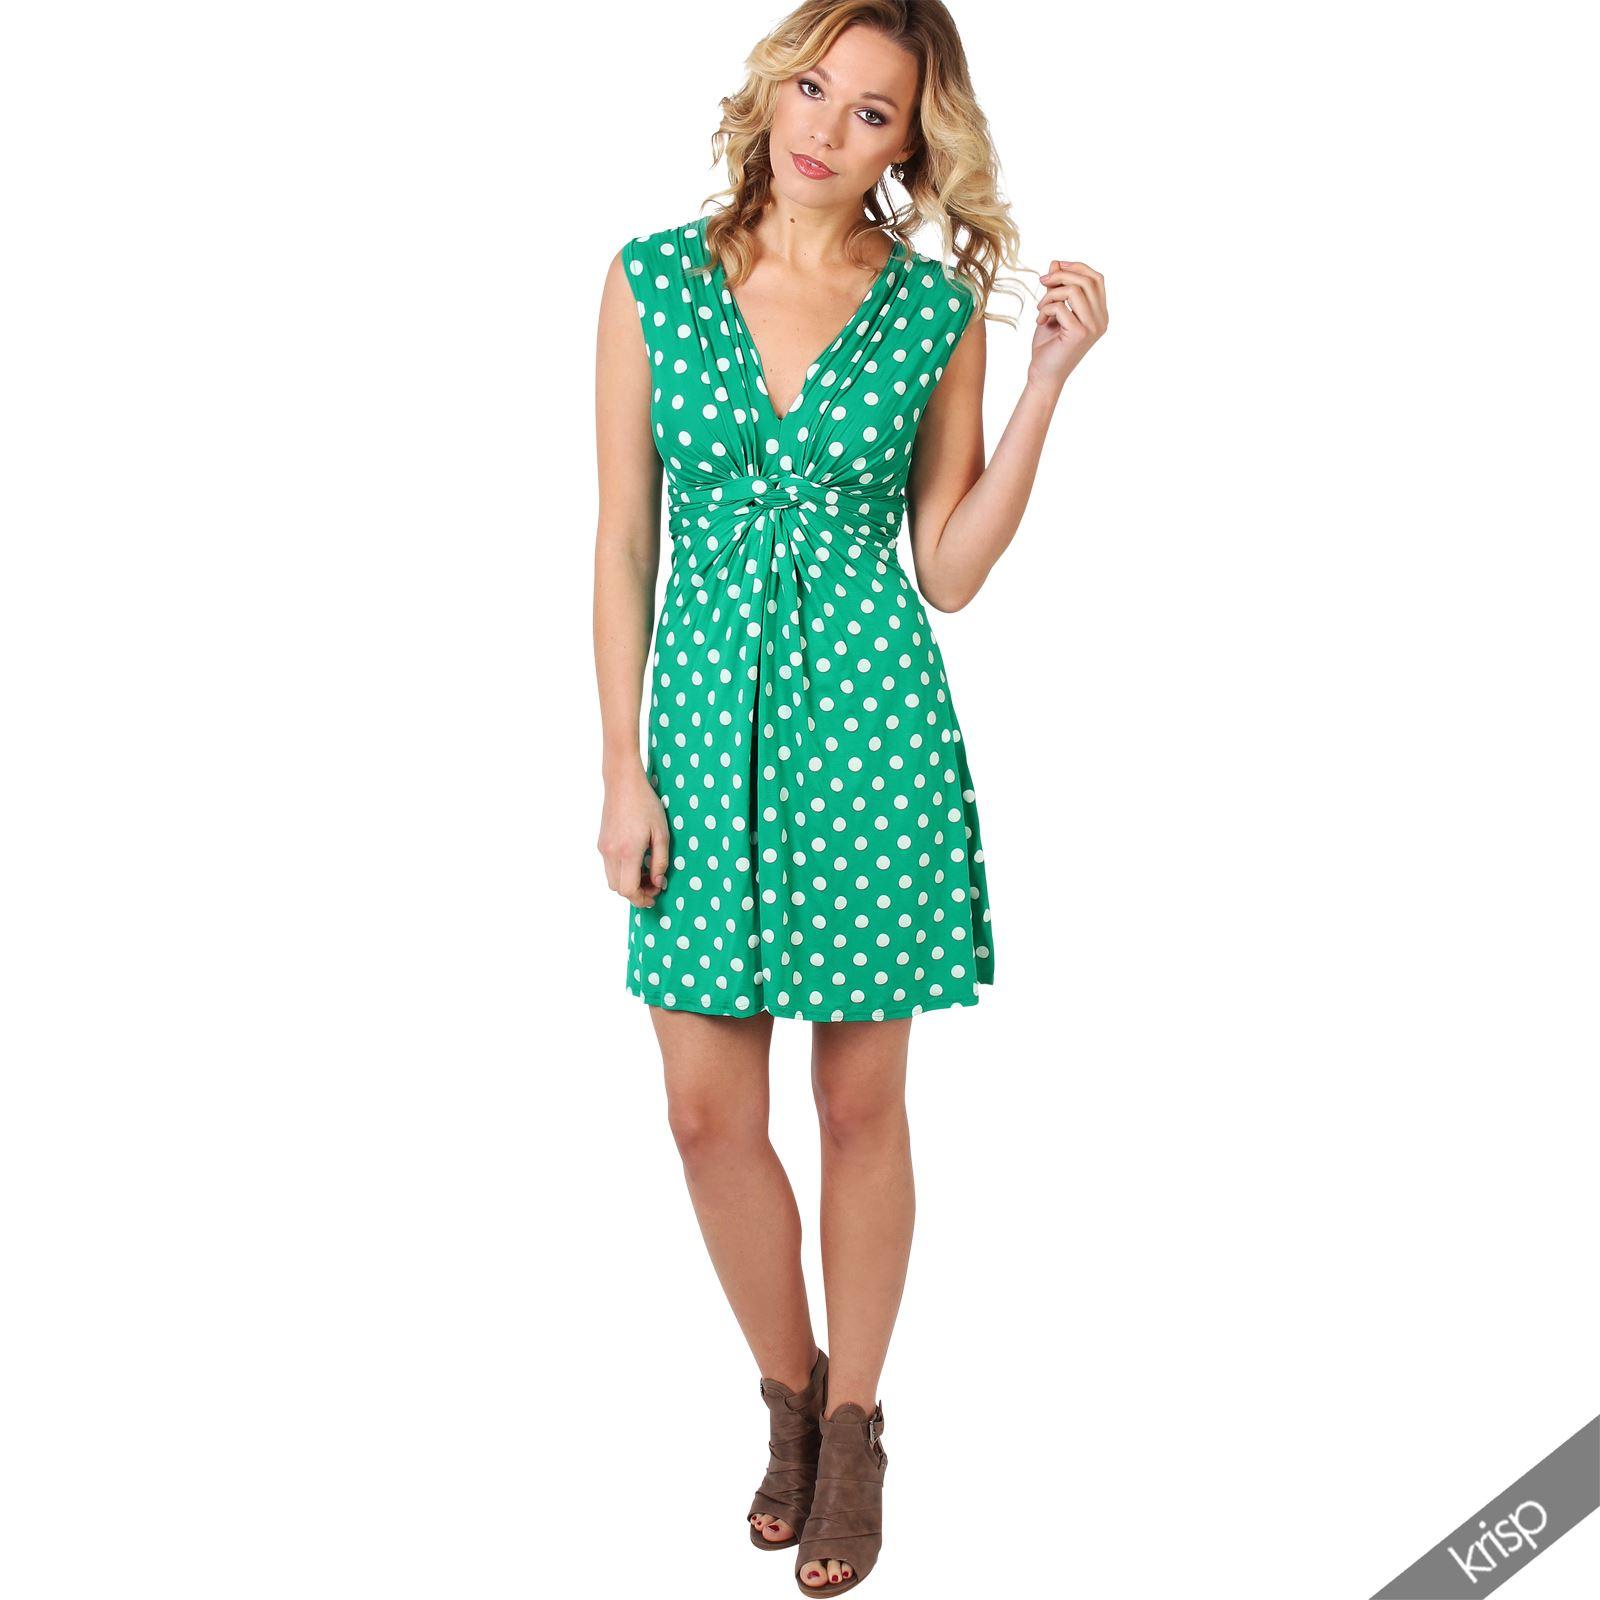 9a14db4303b12 Damen Mini Kleid Mit Punkten Wickelkleid Sommerkleid V-Ausschnitt ...